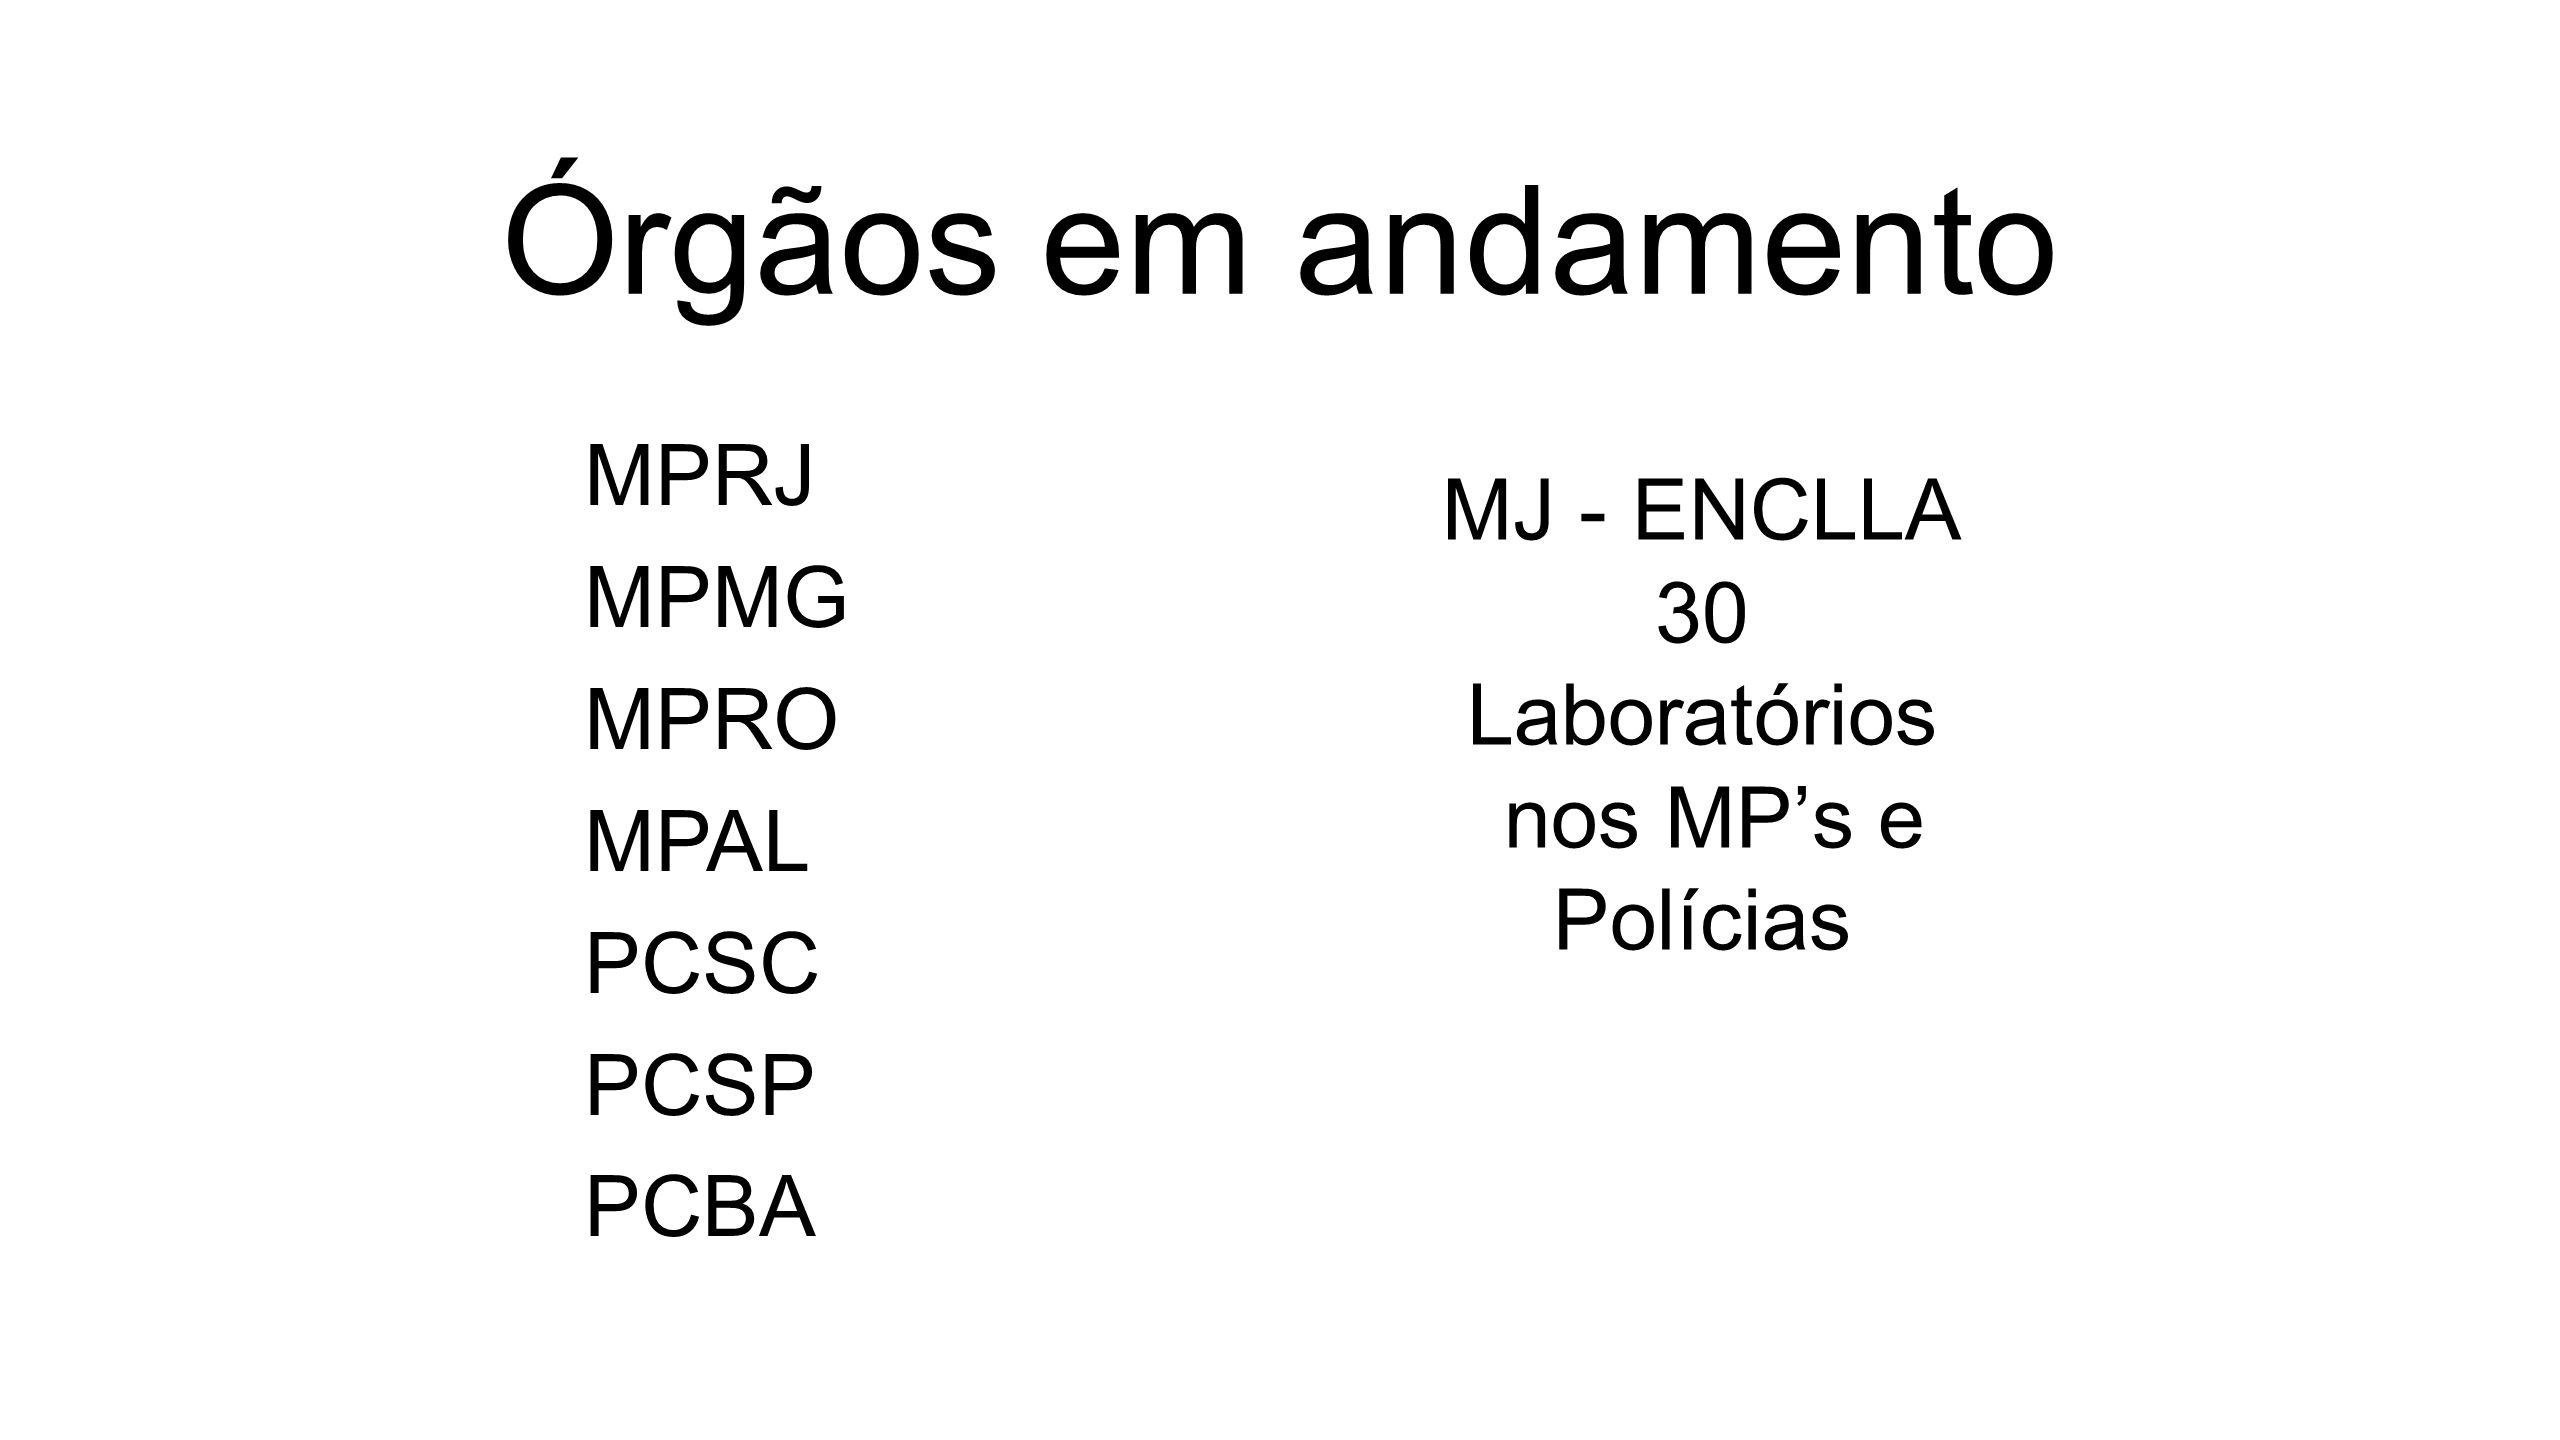 Órgãos em andamento MJ - ENCLLA 30 Laboratórios nos MPs e Polícias MPRJ MPMG MPRO MPAL PCSC PCSP PCBA